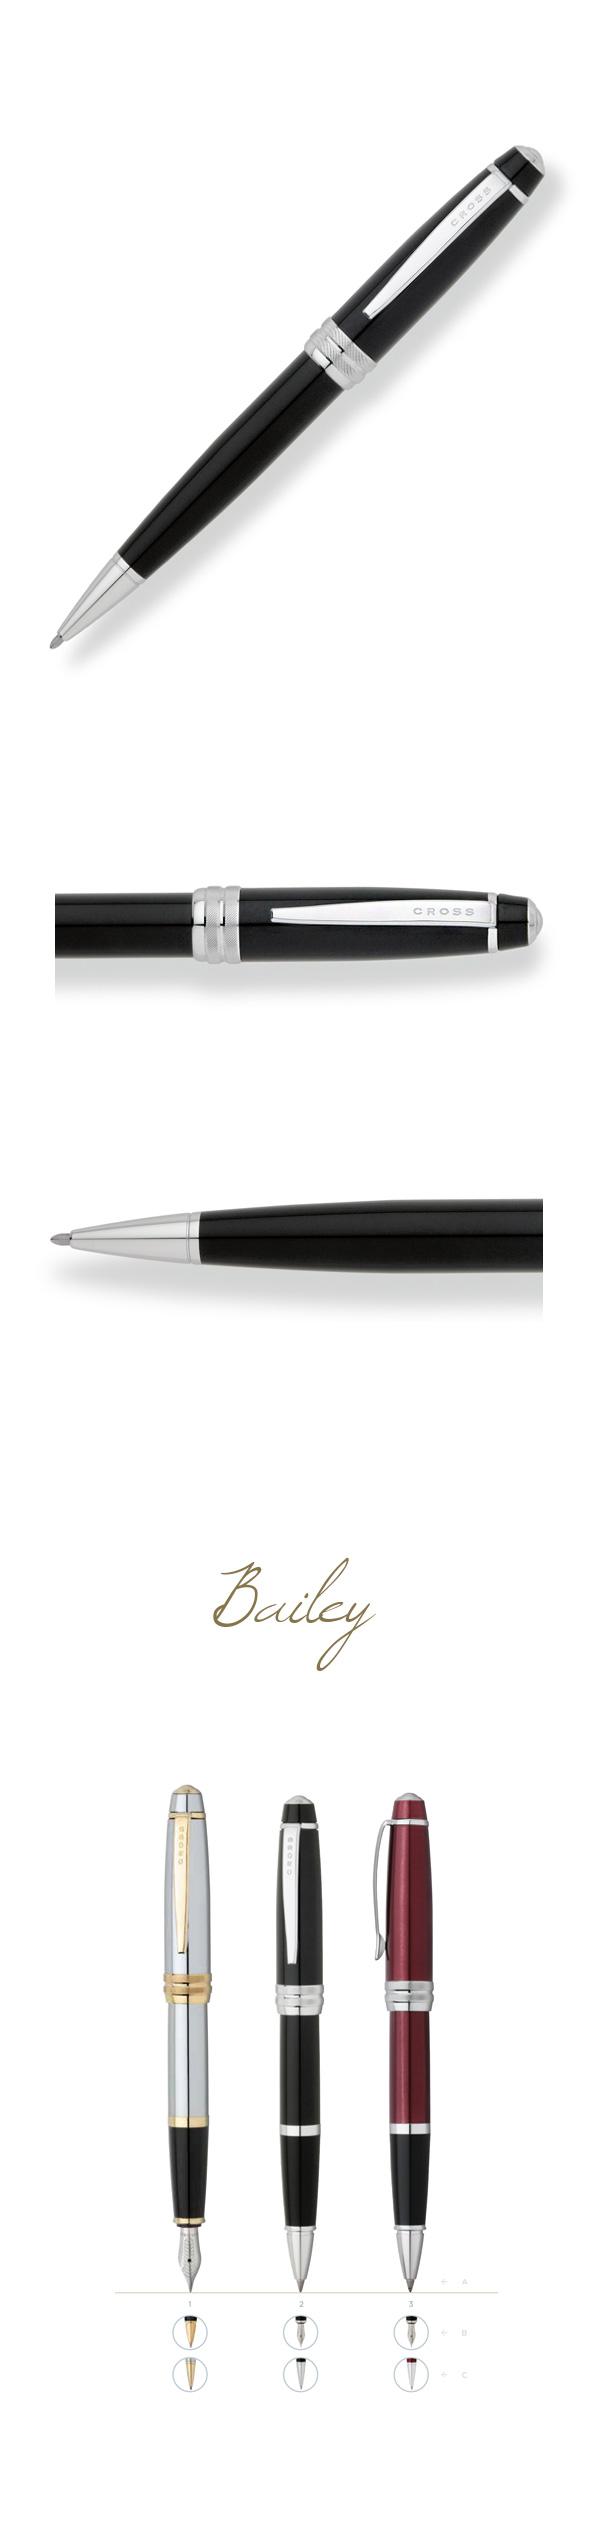 【2/20~2/26秋冬精品8折優惠!】【可雷雕】CROSS Bailey 黑琺瑯原子筆